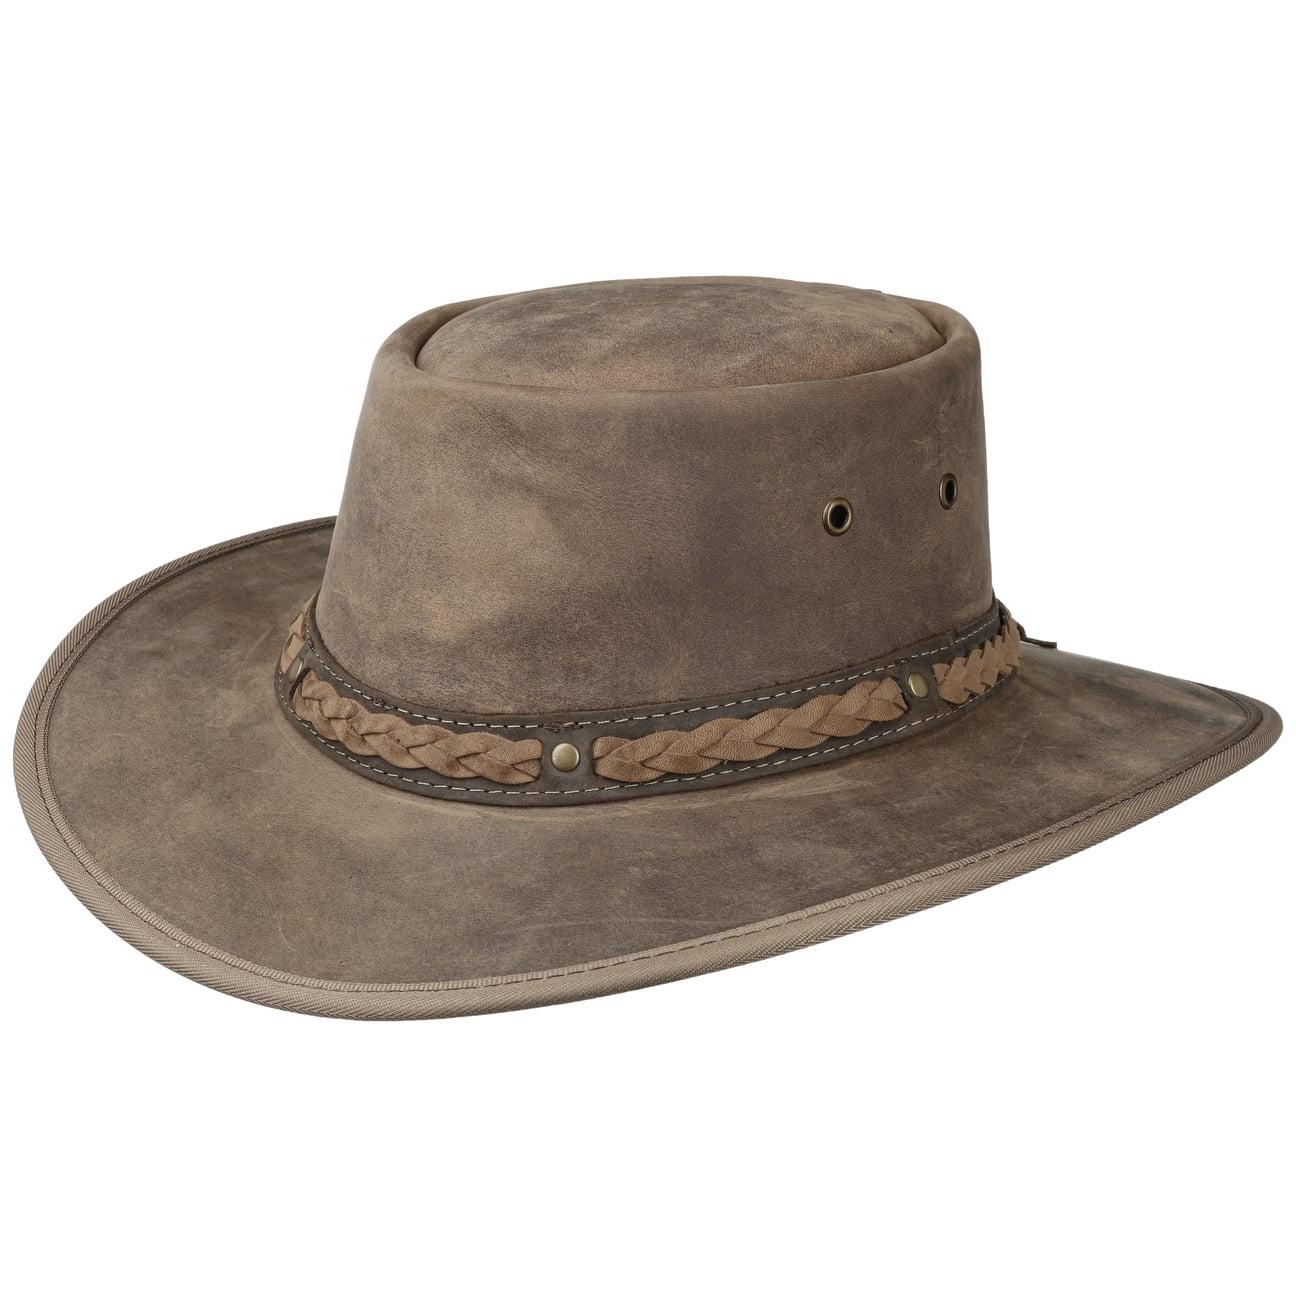 Sombrero de Piel Squashy Bronco by BARMAH  trenzado